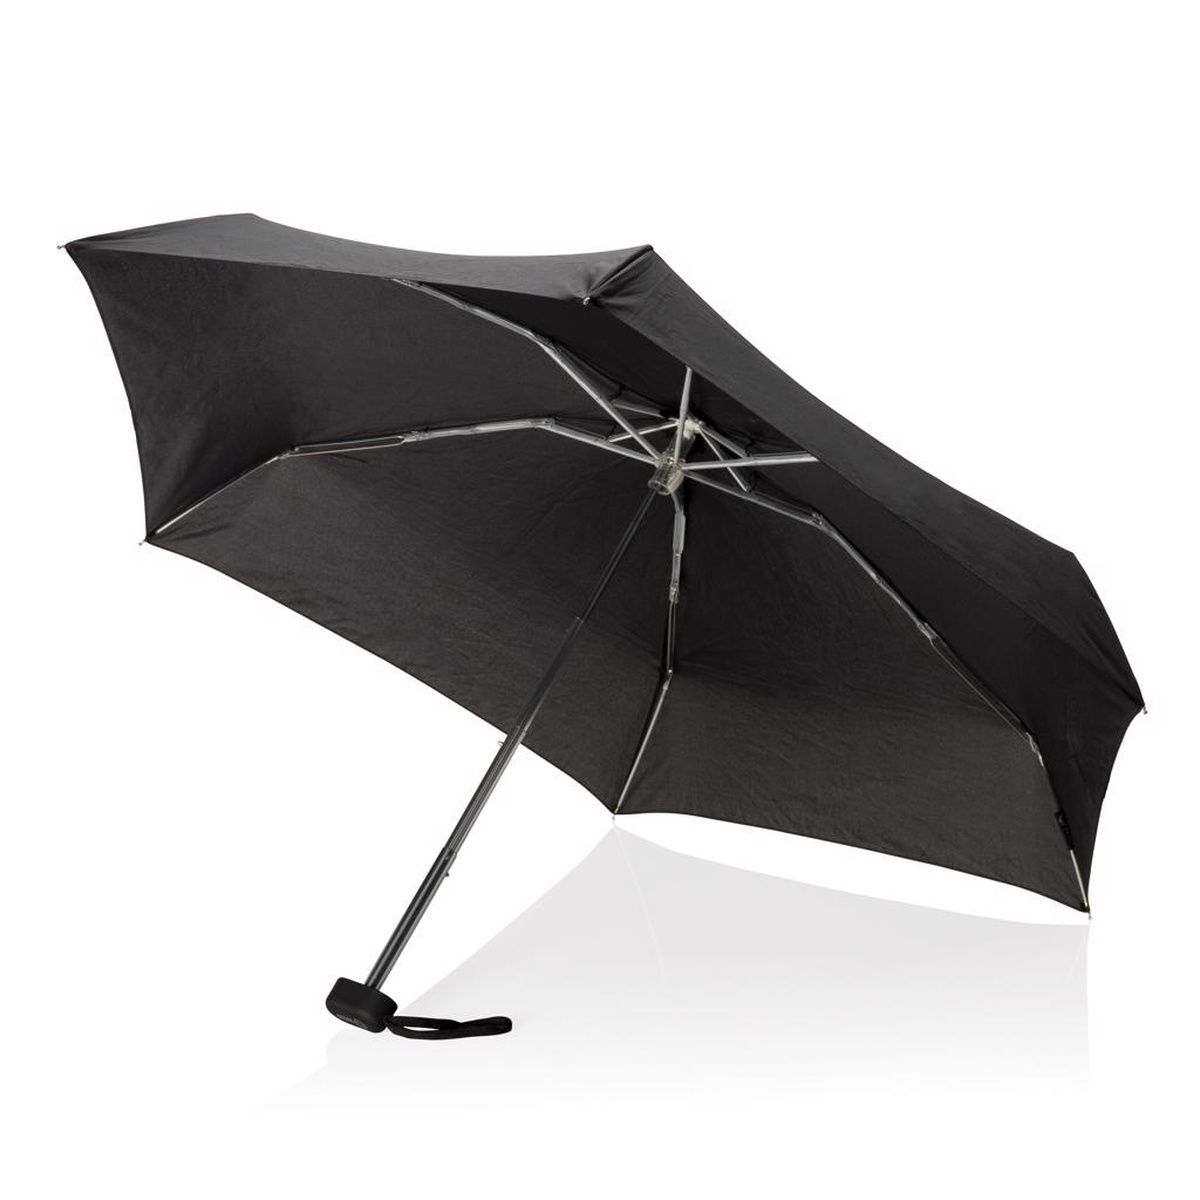 Mini Regenschirm Farbe Schwarz Decopoint Webshop 8 78 In 2021 Mini Regenschirm Regenschirm Taschenschirm